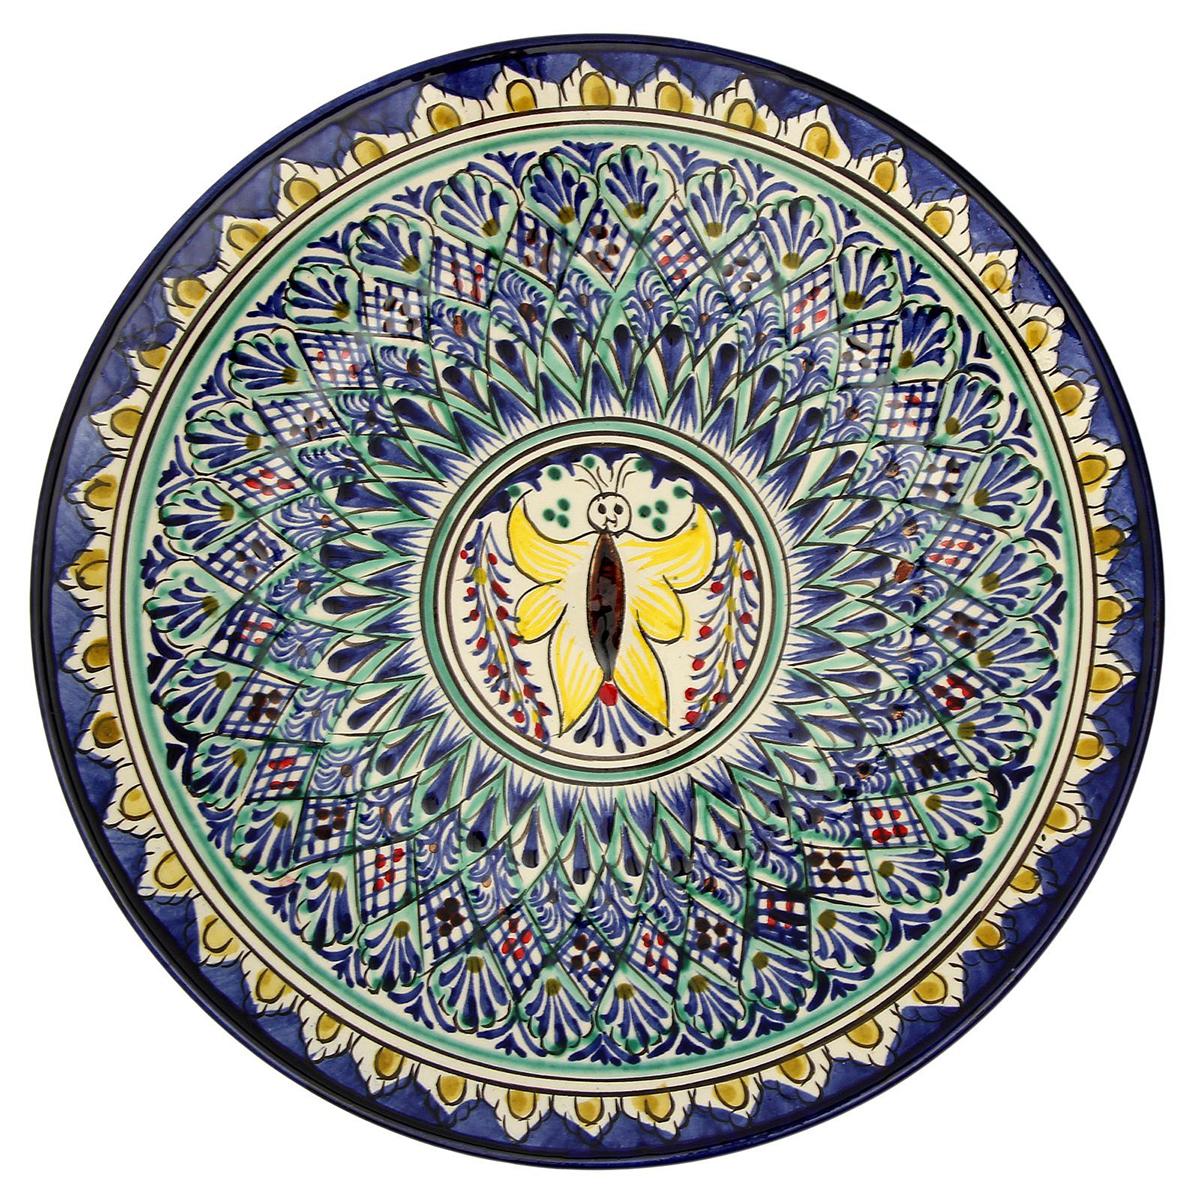 Тарелка Риштанская керамика, цвет: мультиколор, диаметр 27 см1006378Узбекская посуда известна всему миру уже более тысячи лет. Ей любовалисьцарские особы, на ней подавали еду шейхам и знатным персонам. Формулаглазури передаётся из поколения в поколение.По сей день качественные изделия продолжают восхищать своей идеальнойформой.Данный предмет подойдёт для повседневной и праздничнойсервировки.Дополните стол текстилем и салфетками в тон, чтобы получить элегантноеубранство с яркими акцентами.Возможны отличия некоторых элементов рисунка от того, что представленона фото. Товар расписывается вручную.